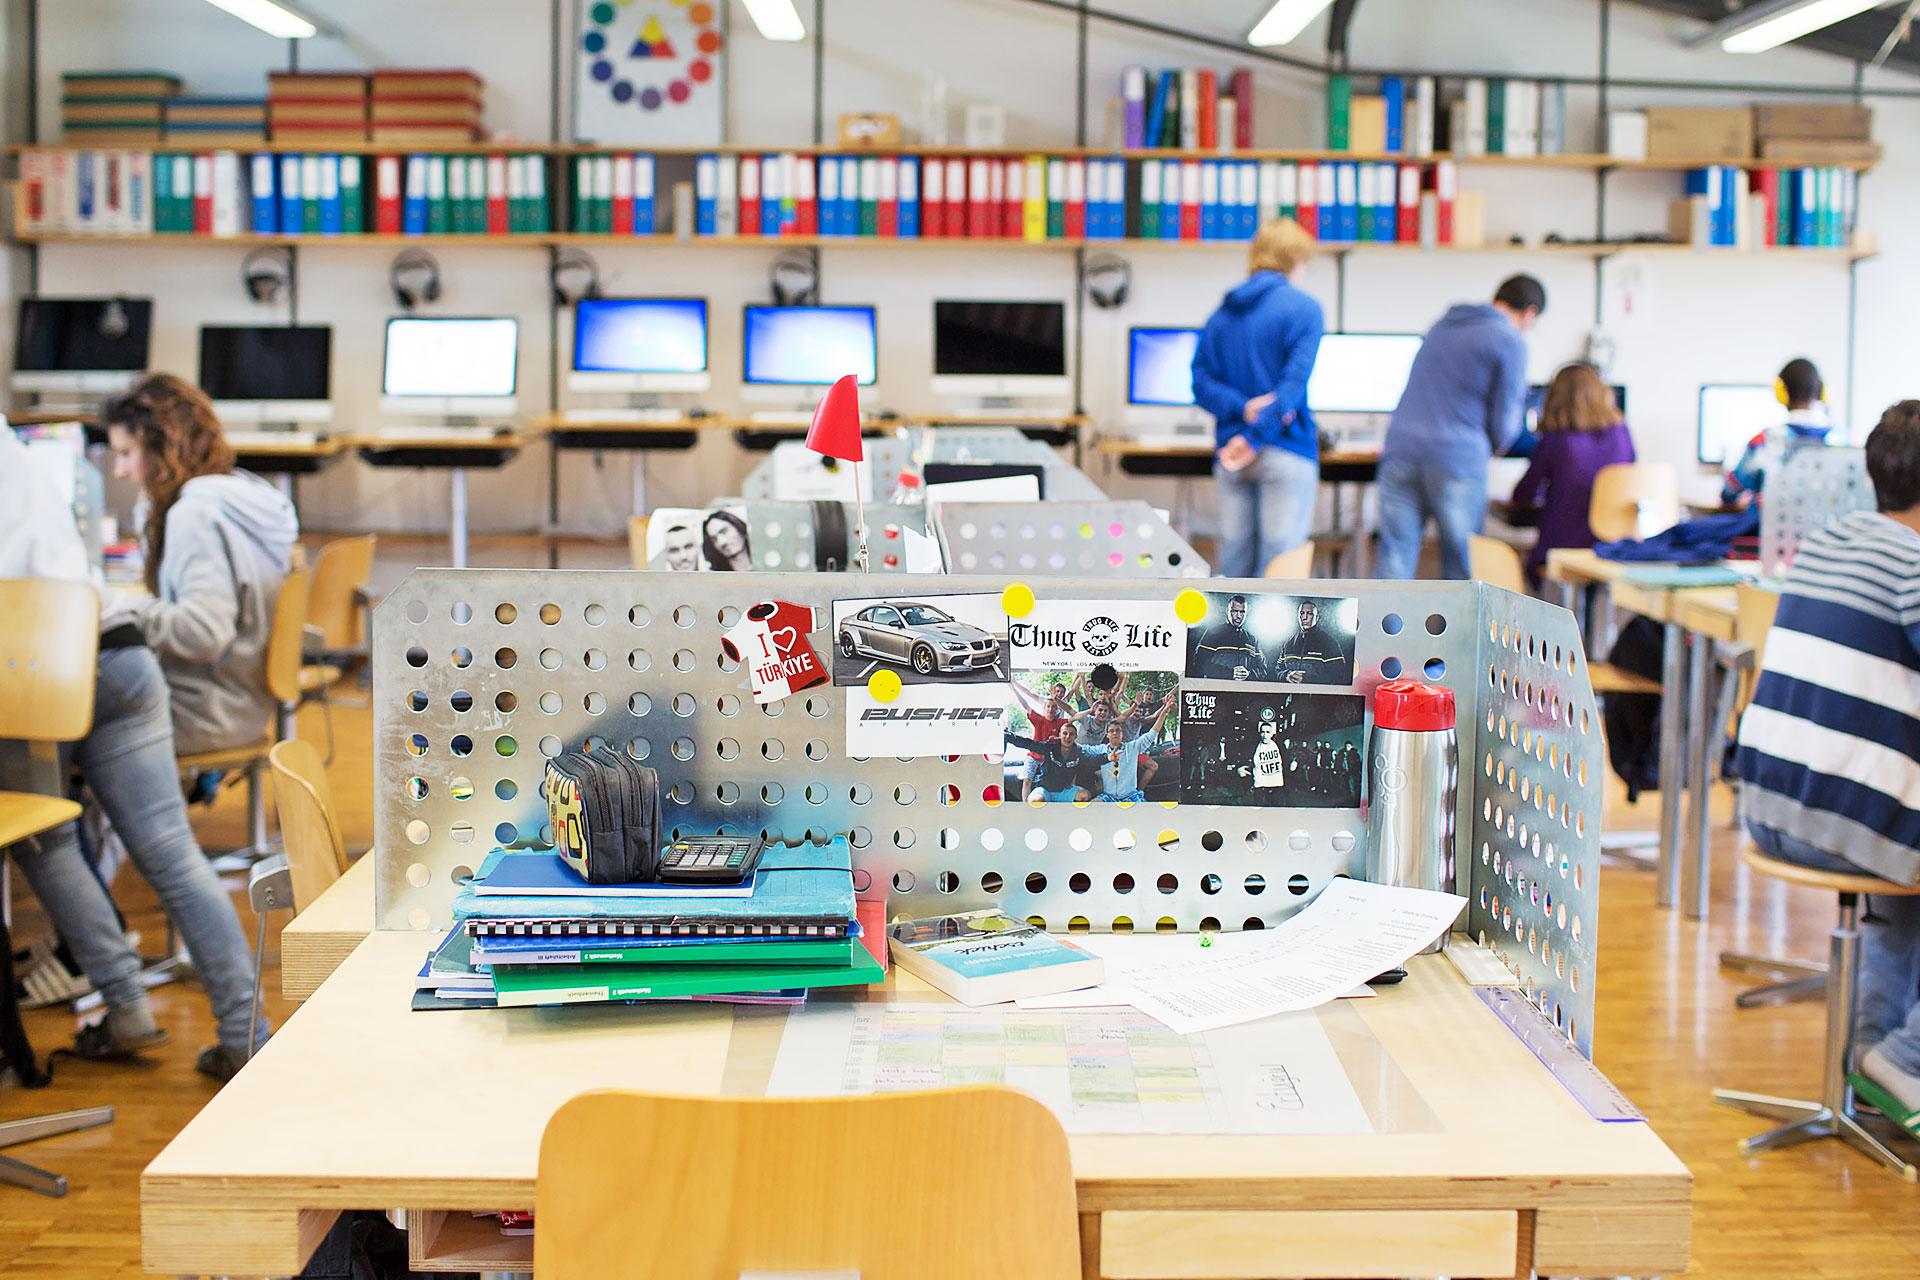 Blick auf einen persönlichen Arbeitsplatz in der Lernlandschaft